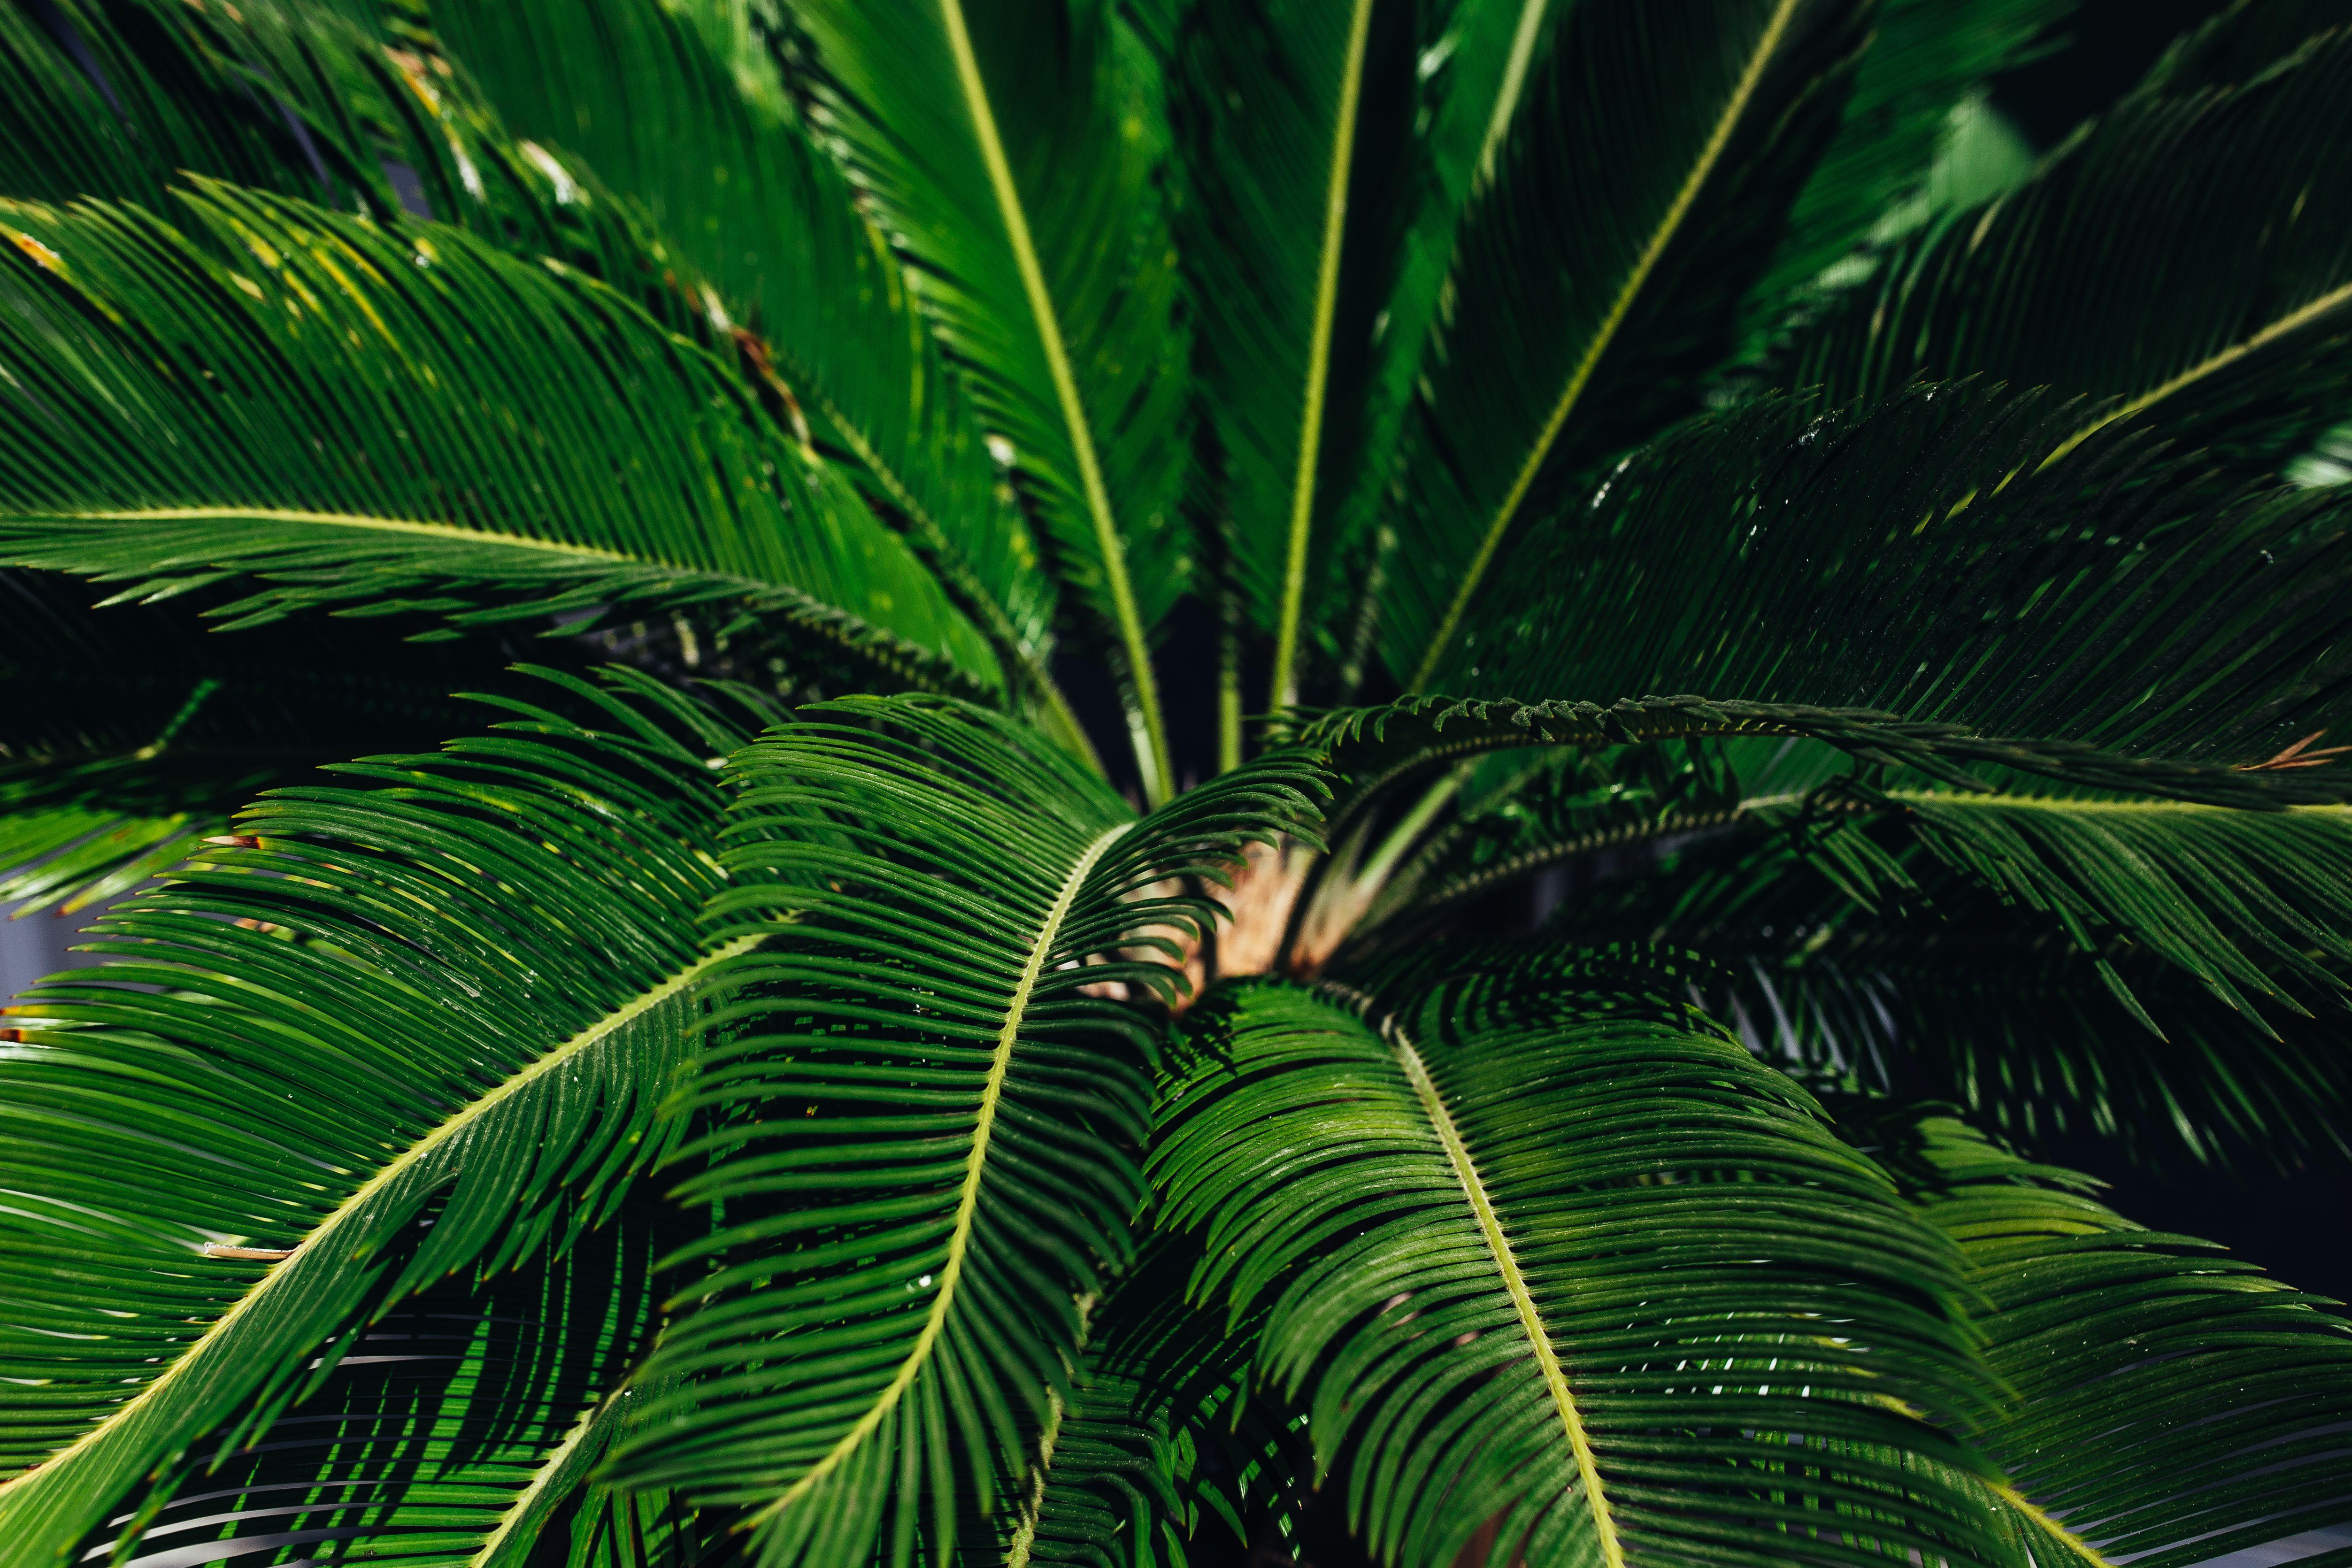 Free stock photos of nature - Kaboompics